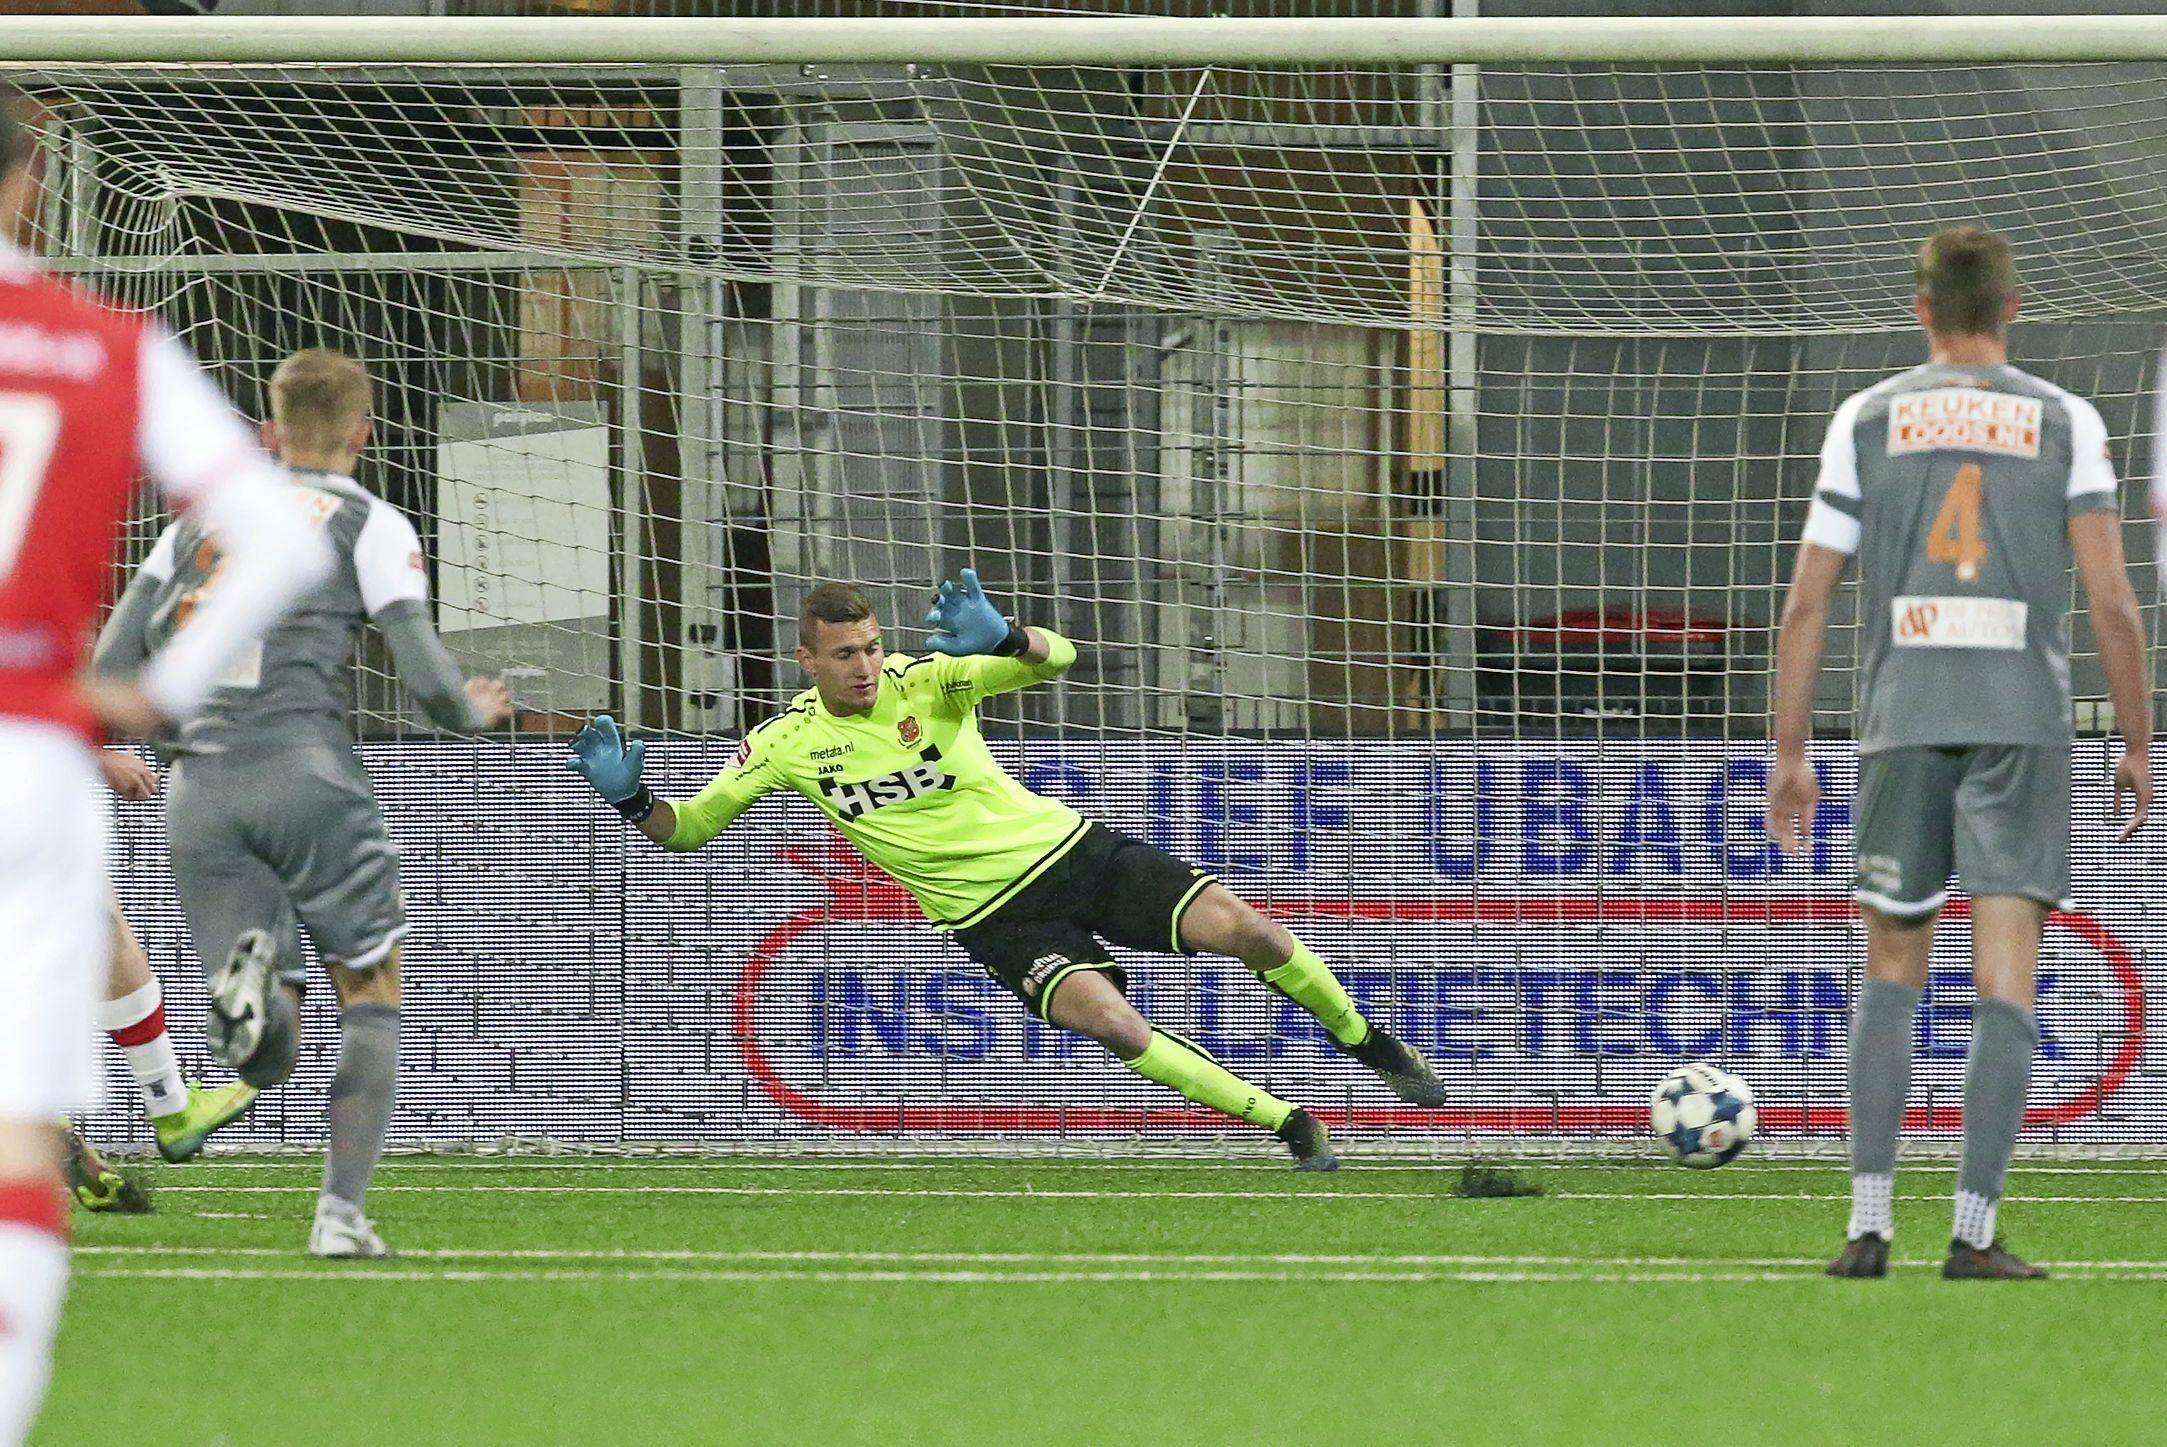 Late gelijkmaker MVV berooft Volendam van zeker ticket voor nacompetitie en doelman Nordin Bakker van mooi affiche voor nieuwe club [video]